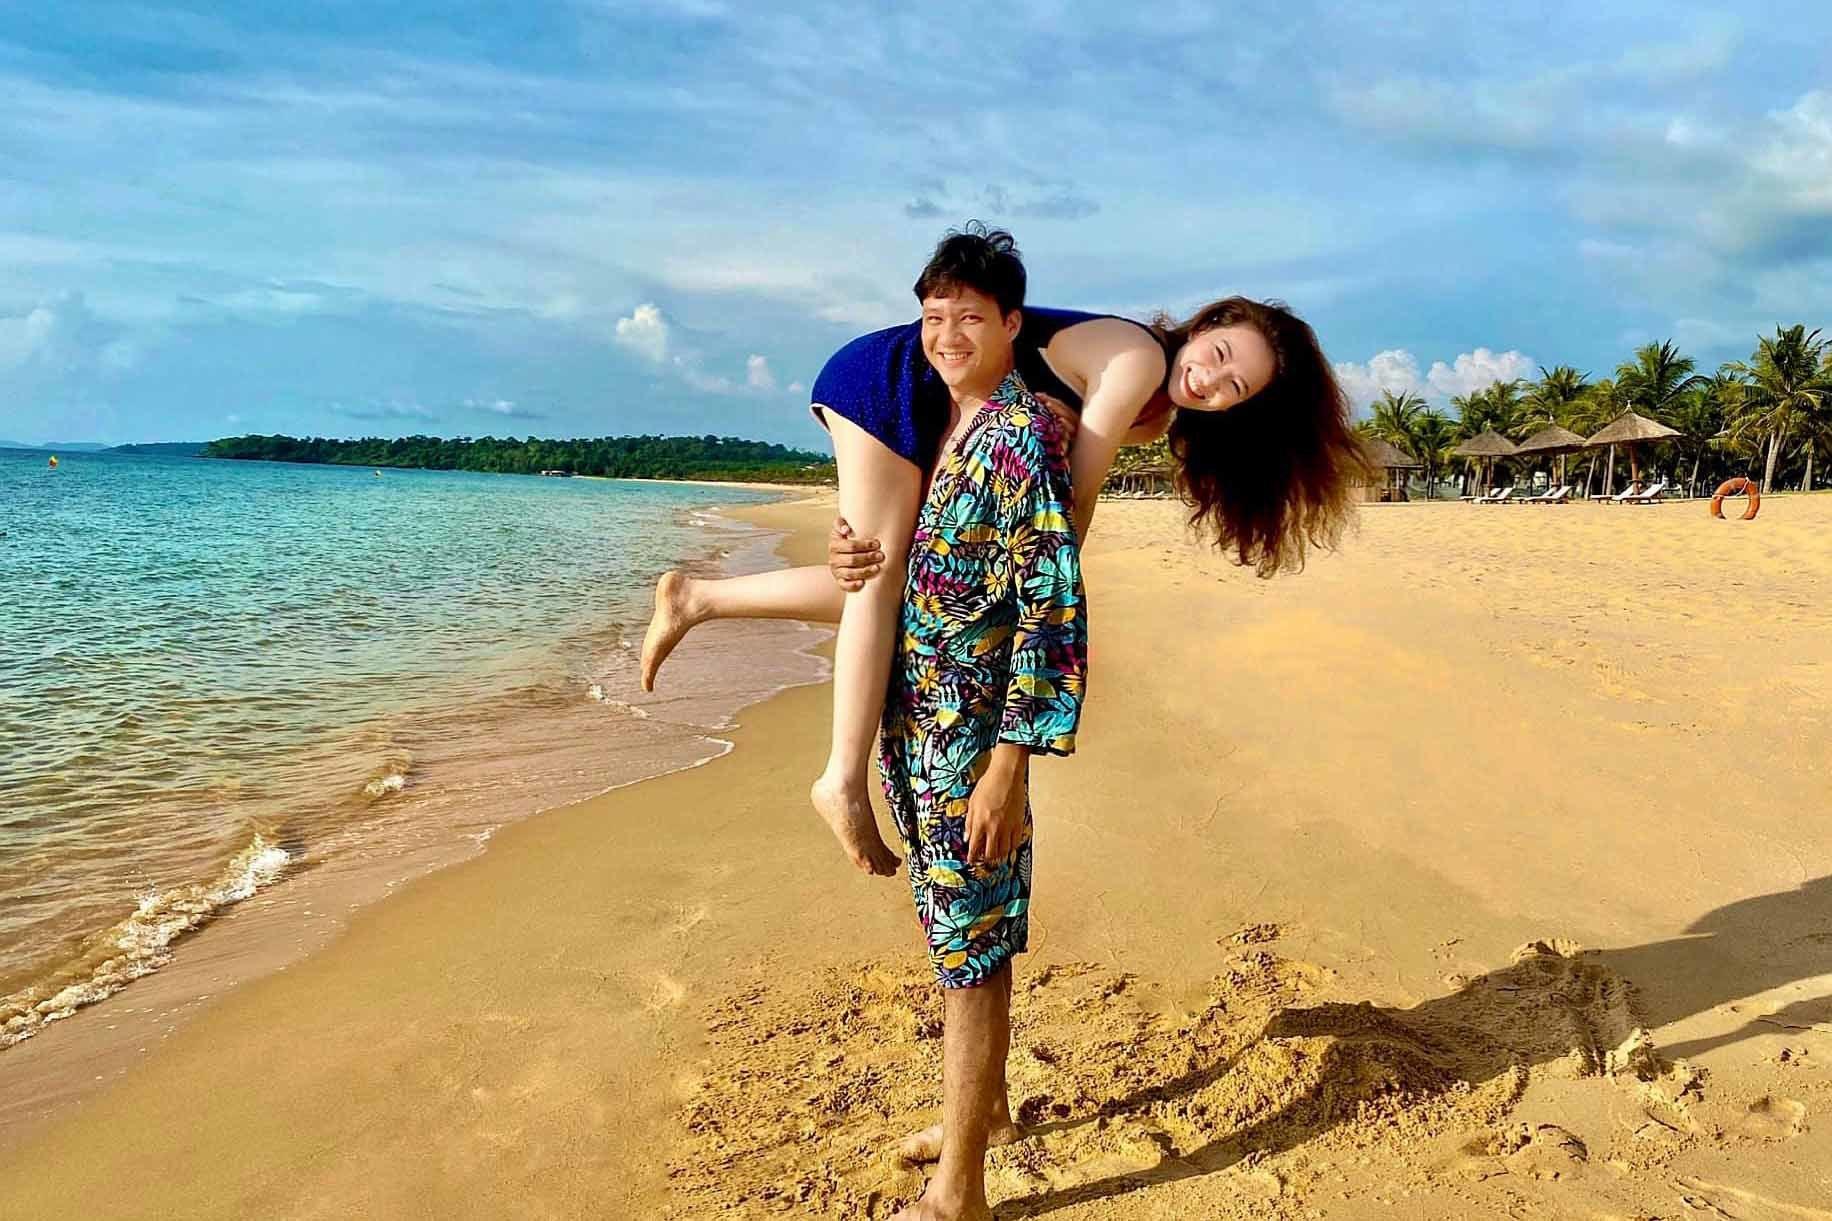 Khoảnh khắc hạnh phúc của vợ chồng Đan Lê - Khải Anh